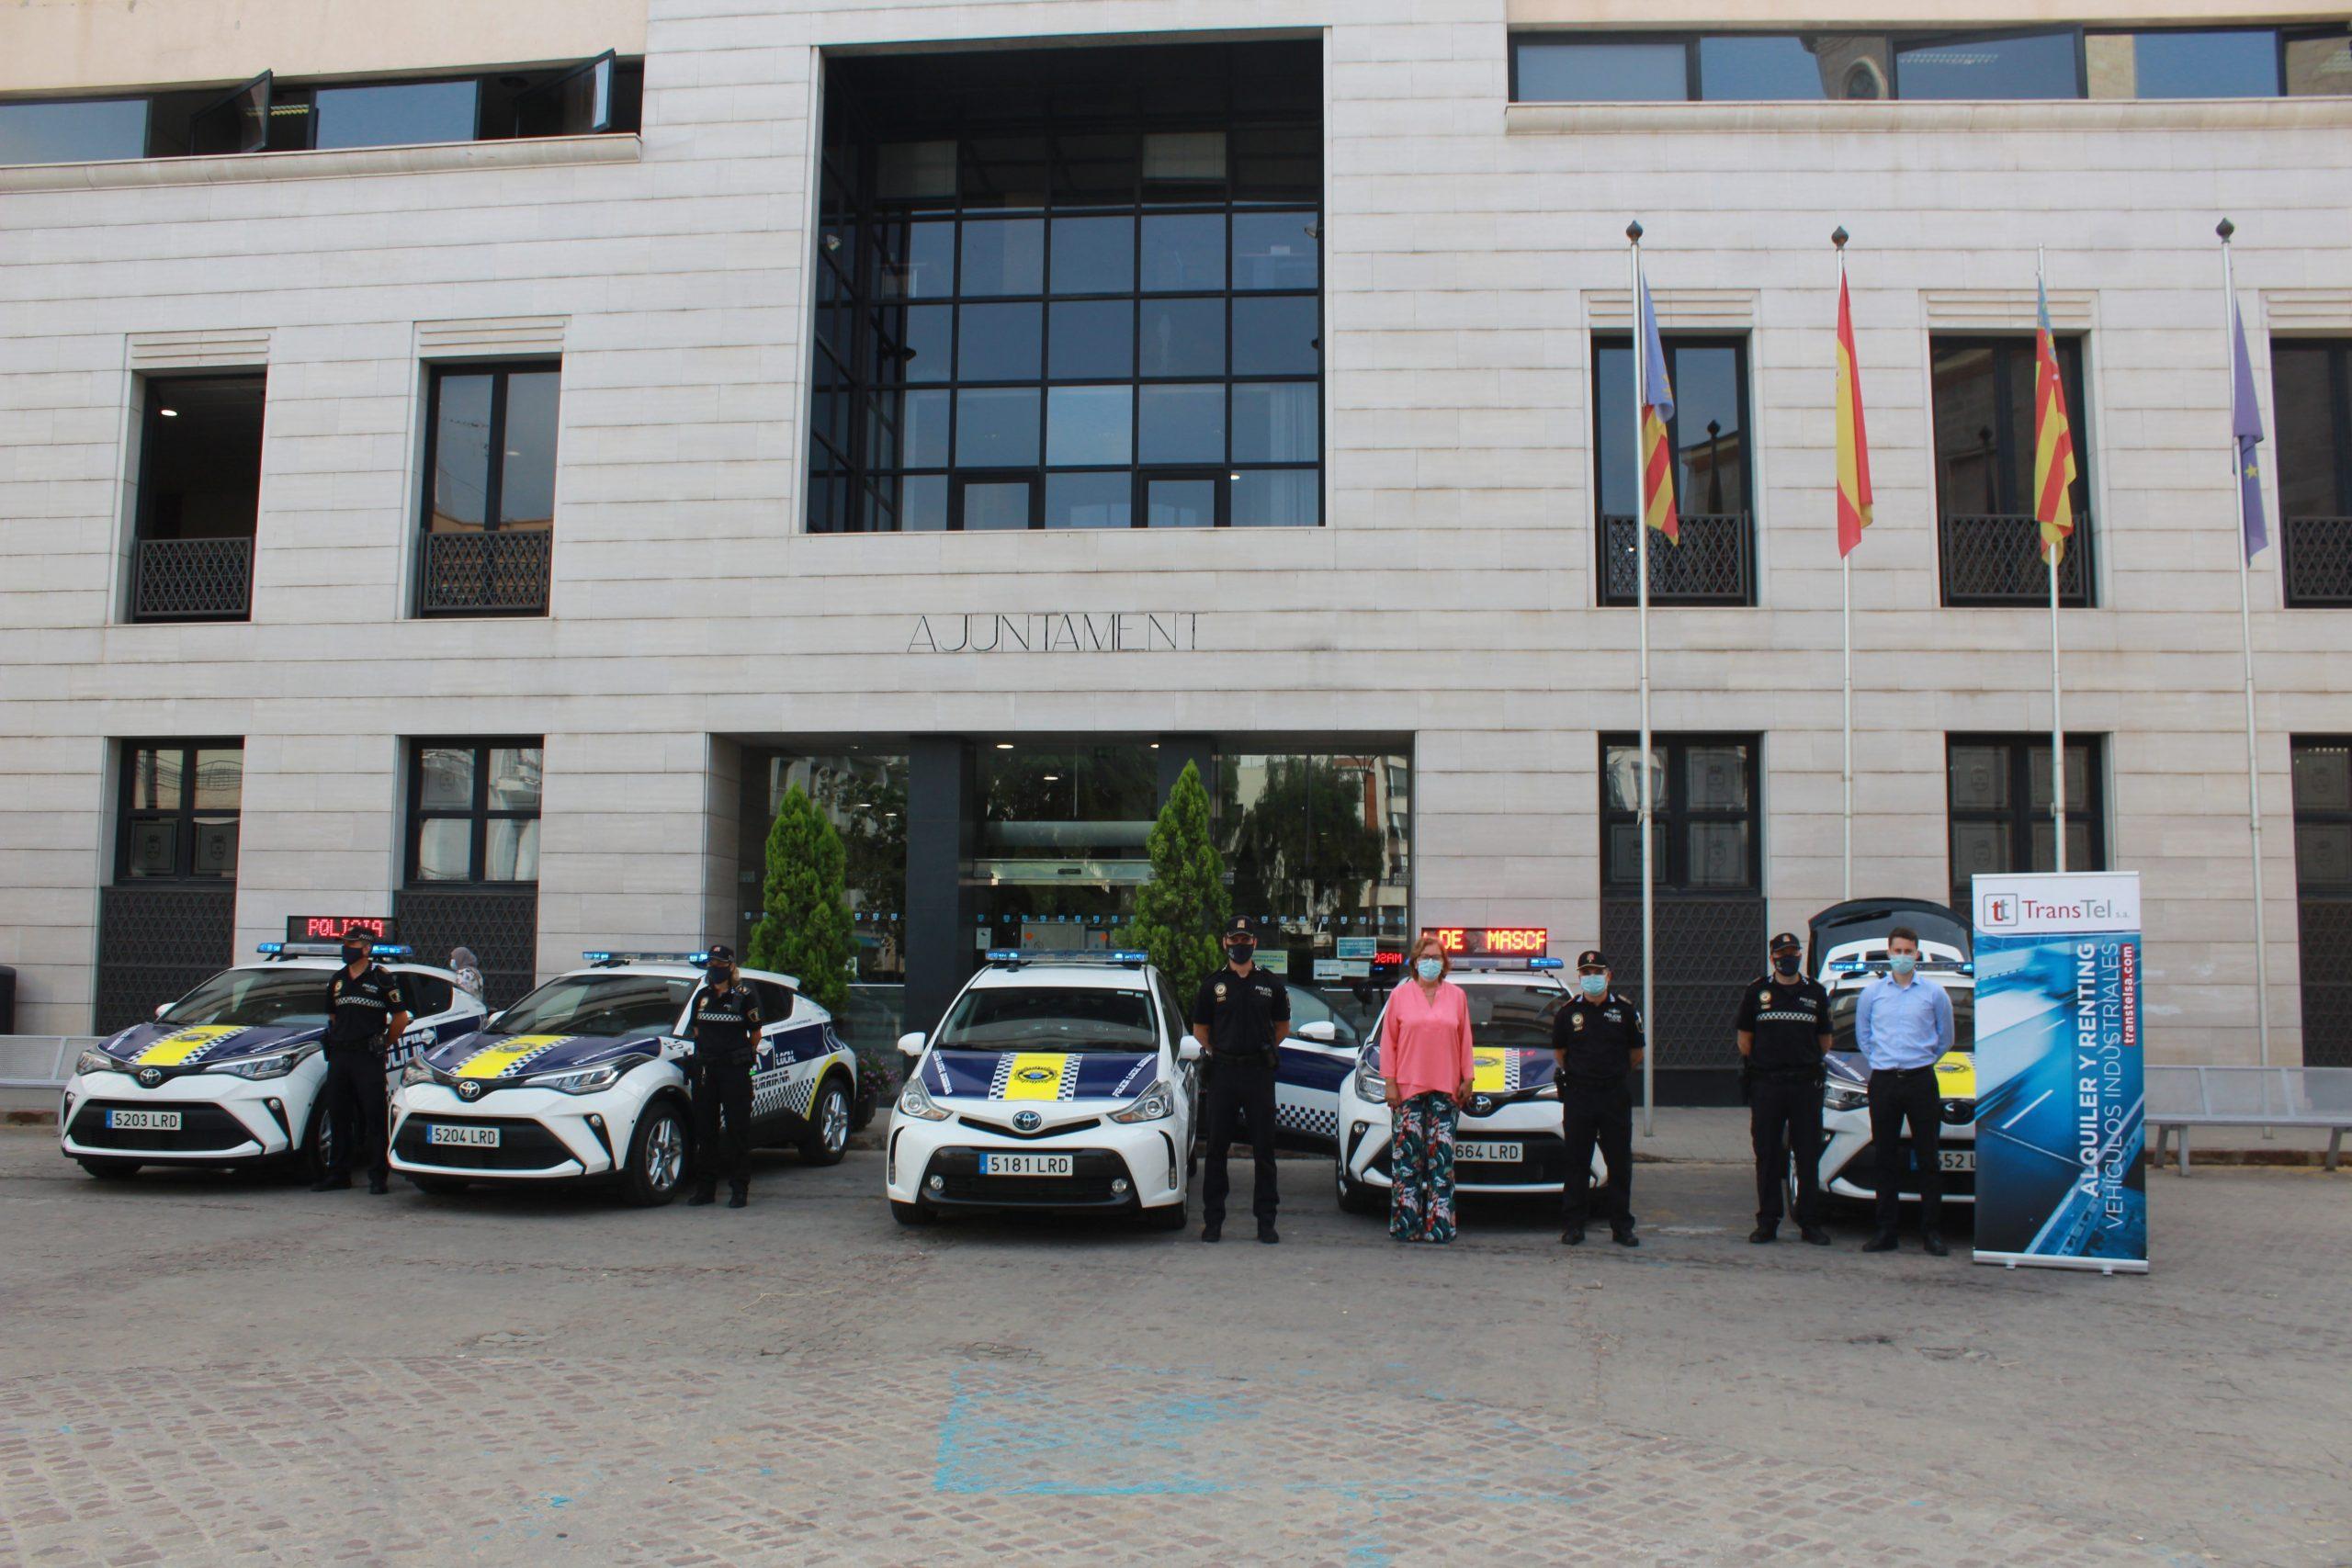 El Ayuntamiento renueva parte del parque móvil de la Policía Local de Burriana con 5 nuevos vehículos patrulla híbridos